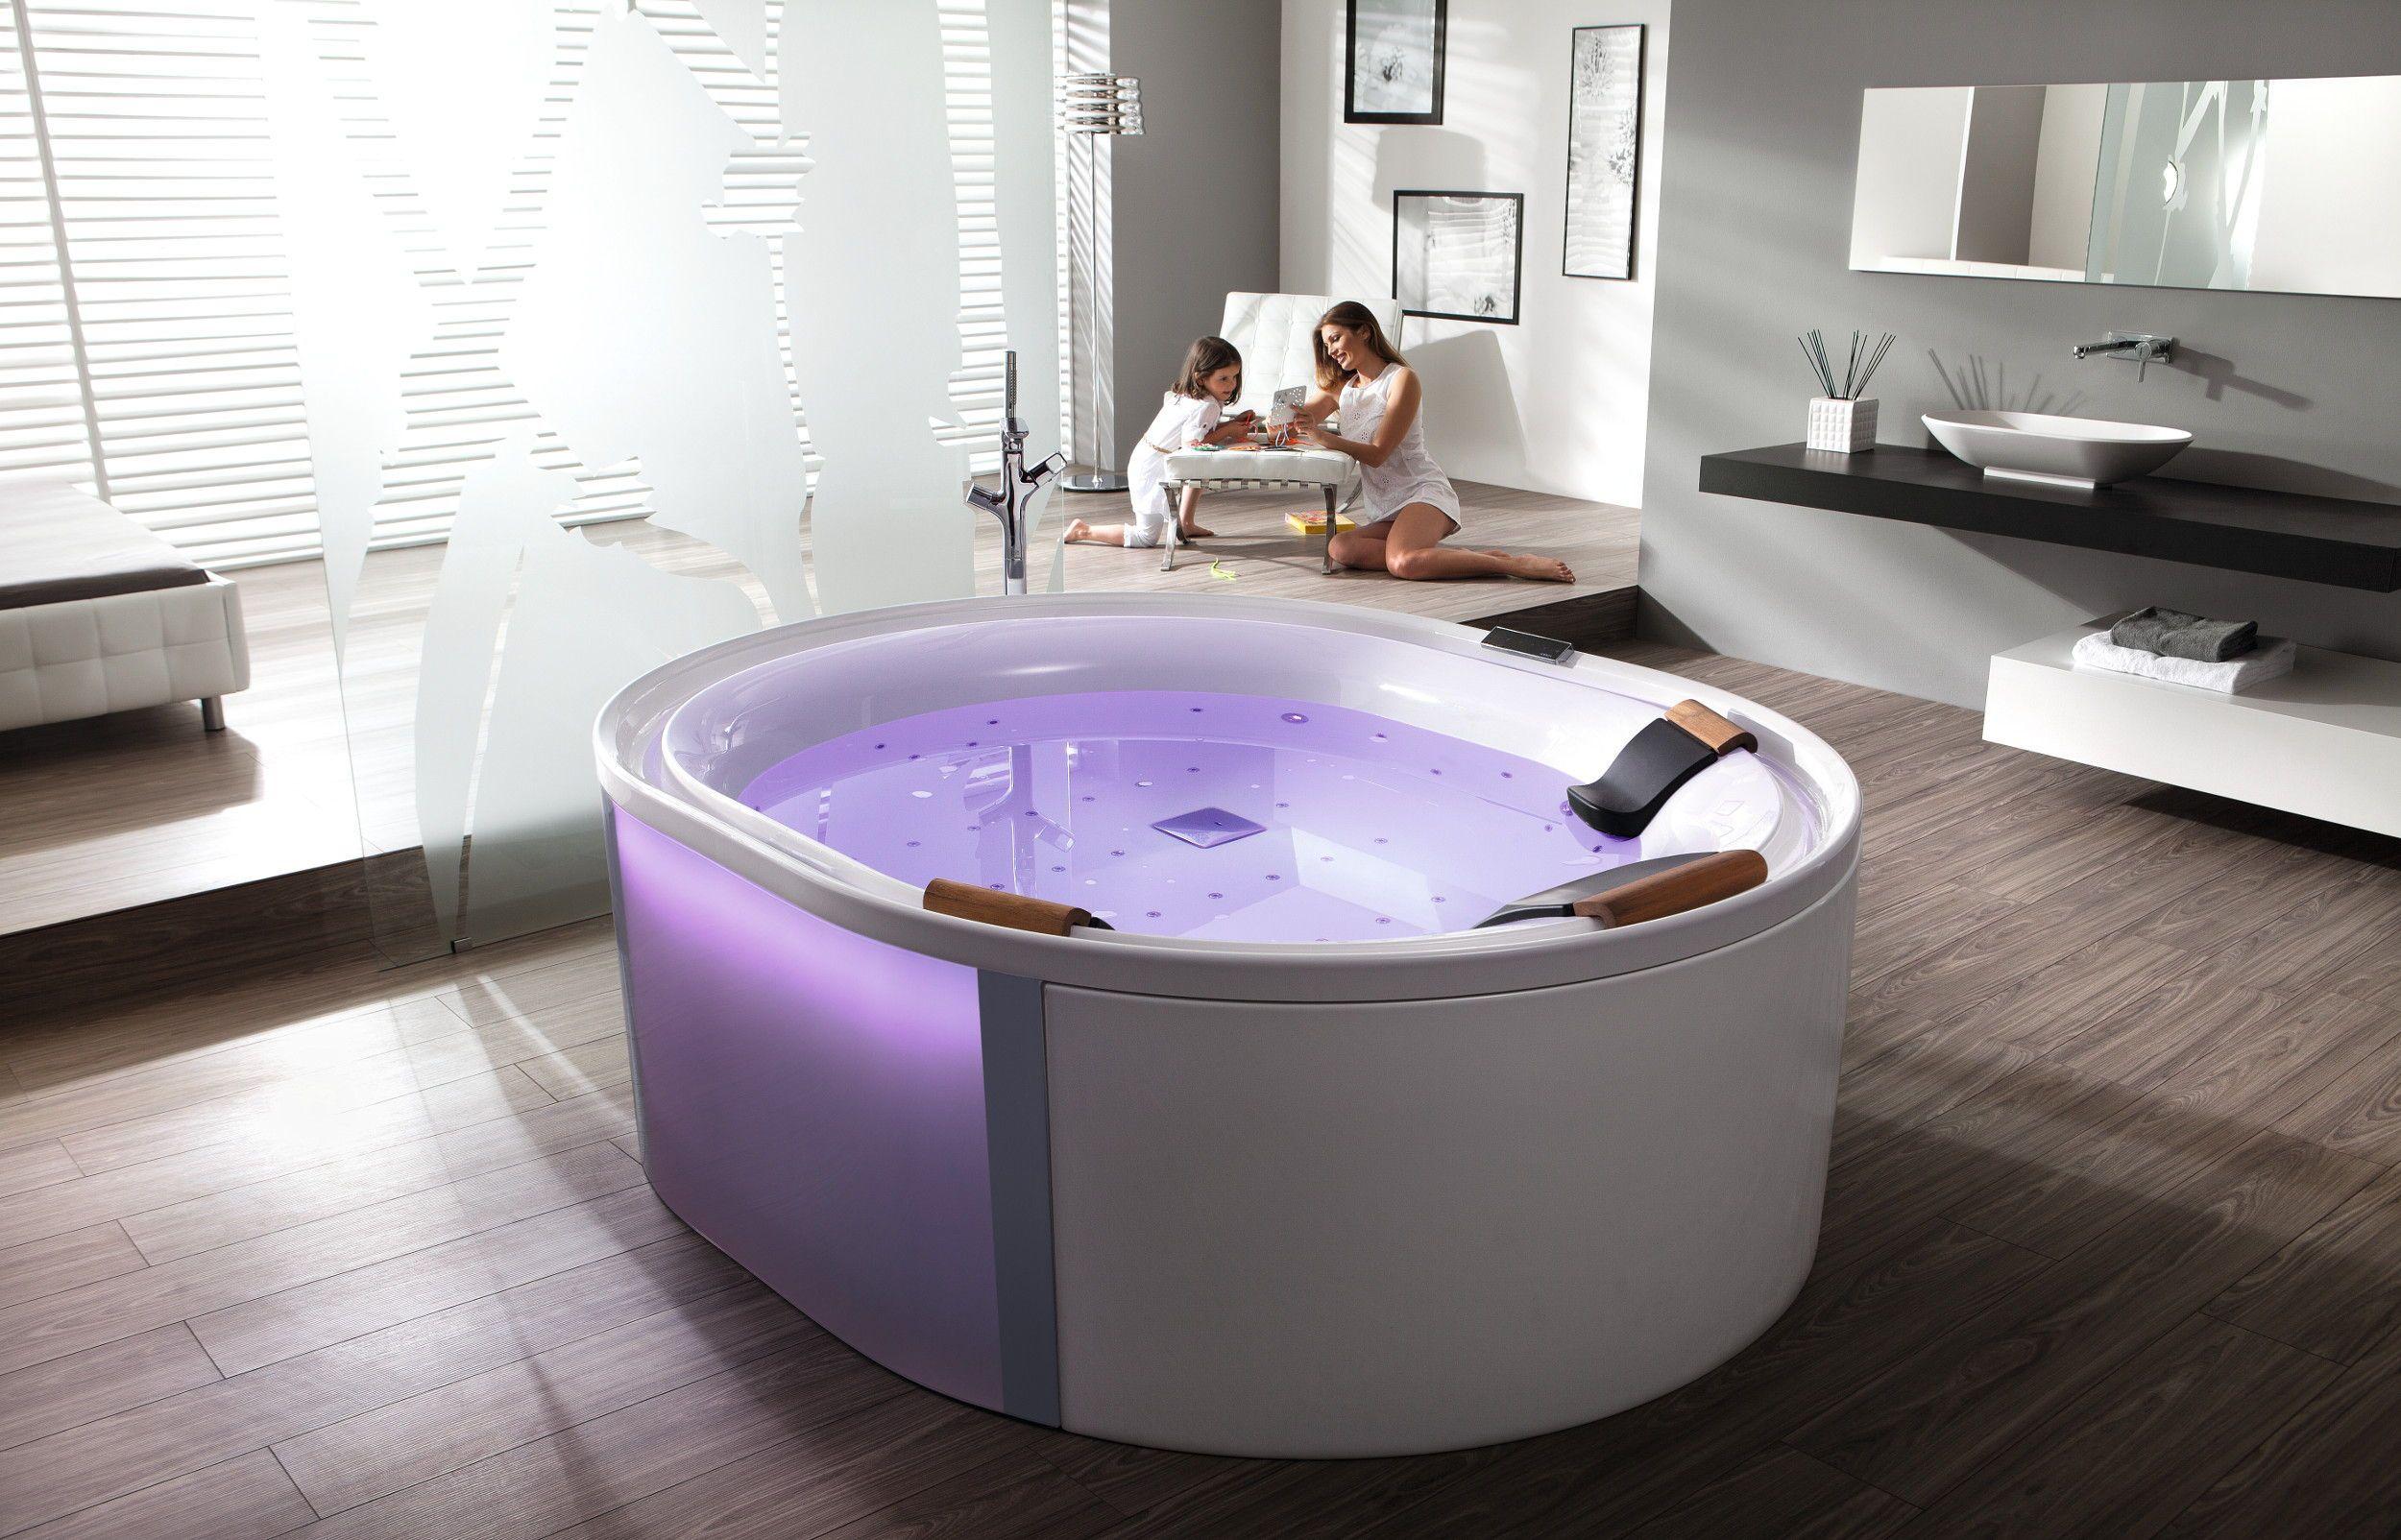 Diese Freistehende Badewanne Verfugt Uber Mehr Als Nur Ein Wellness Programm Mit Strahlern Die Ruhige Led Beleuchtu Freistehende Badewanne Badewanne Whirlpool